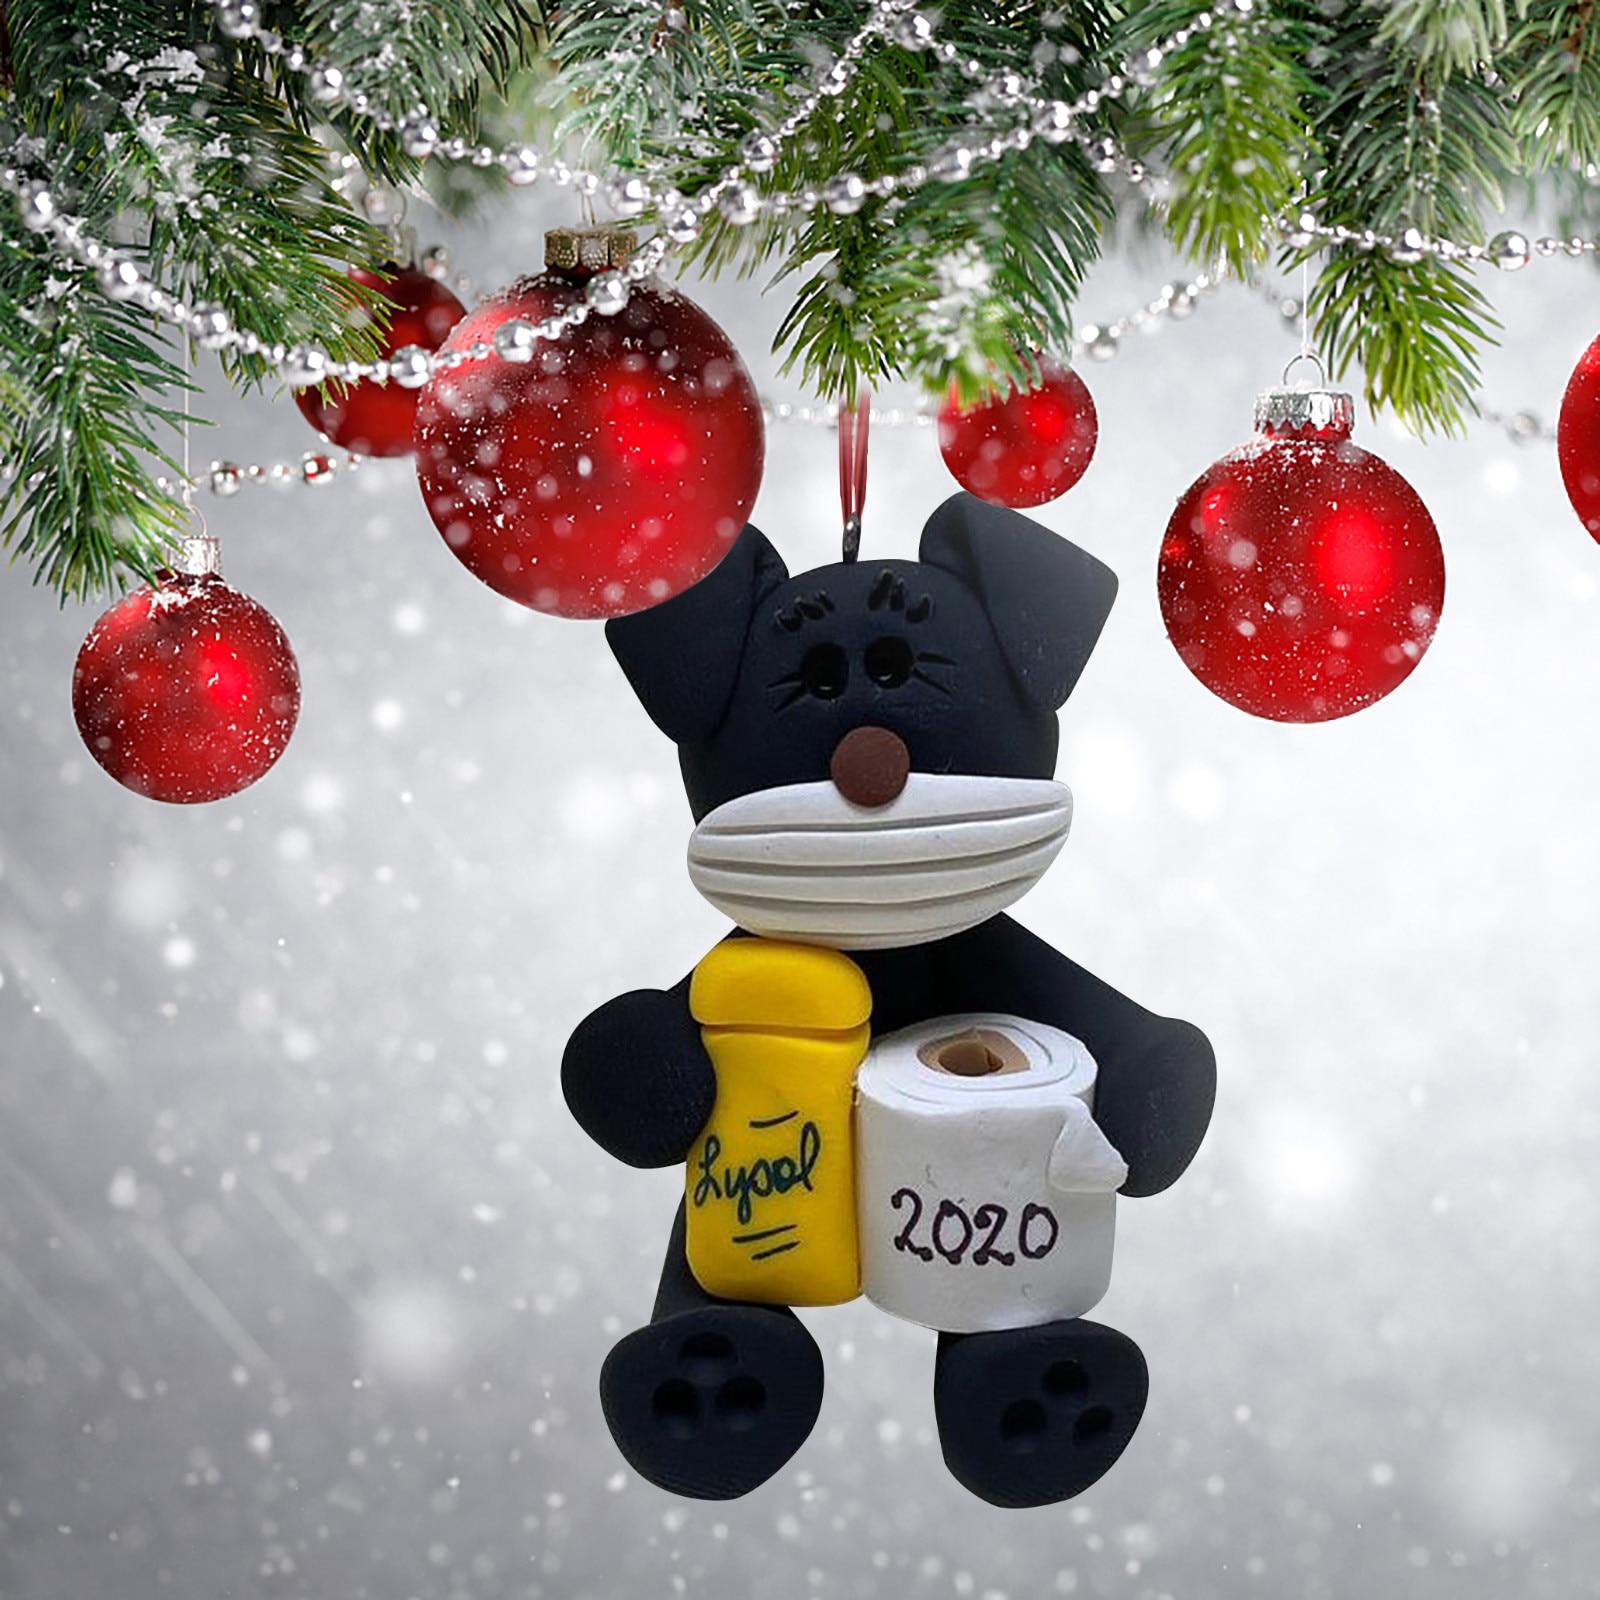 Персонализированные рождественские праздничные украшения 2020 для семьи выживших